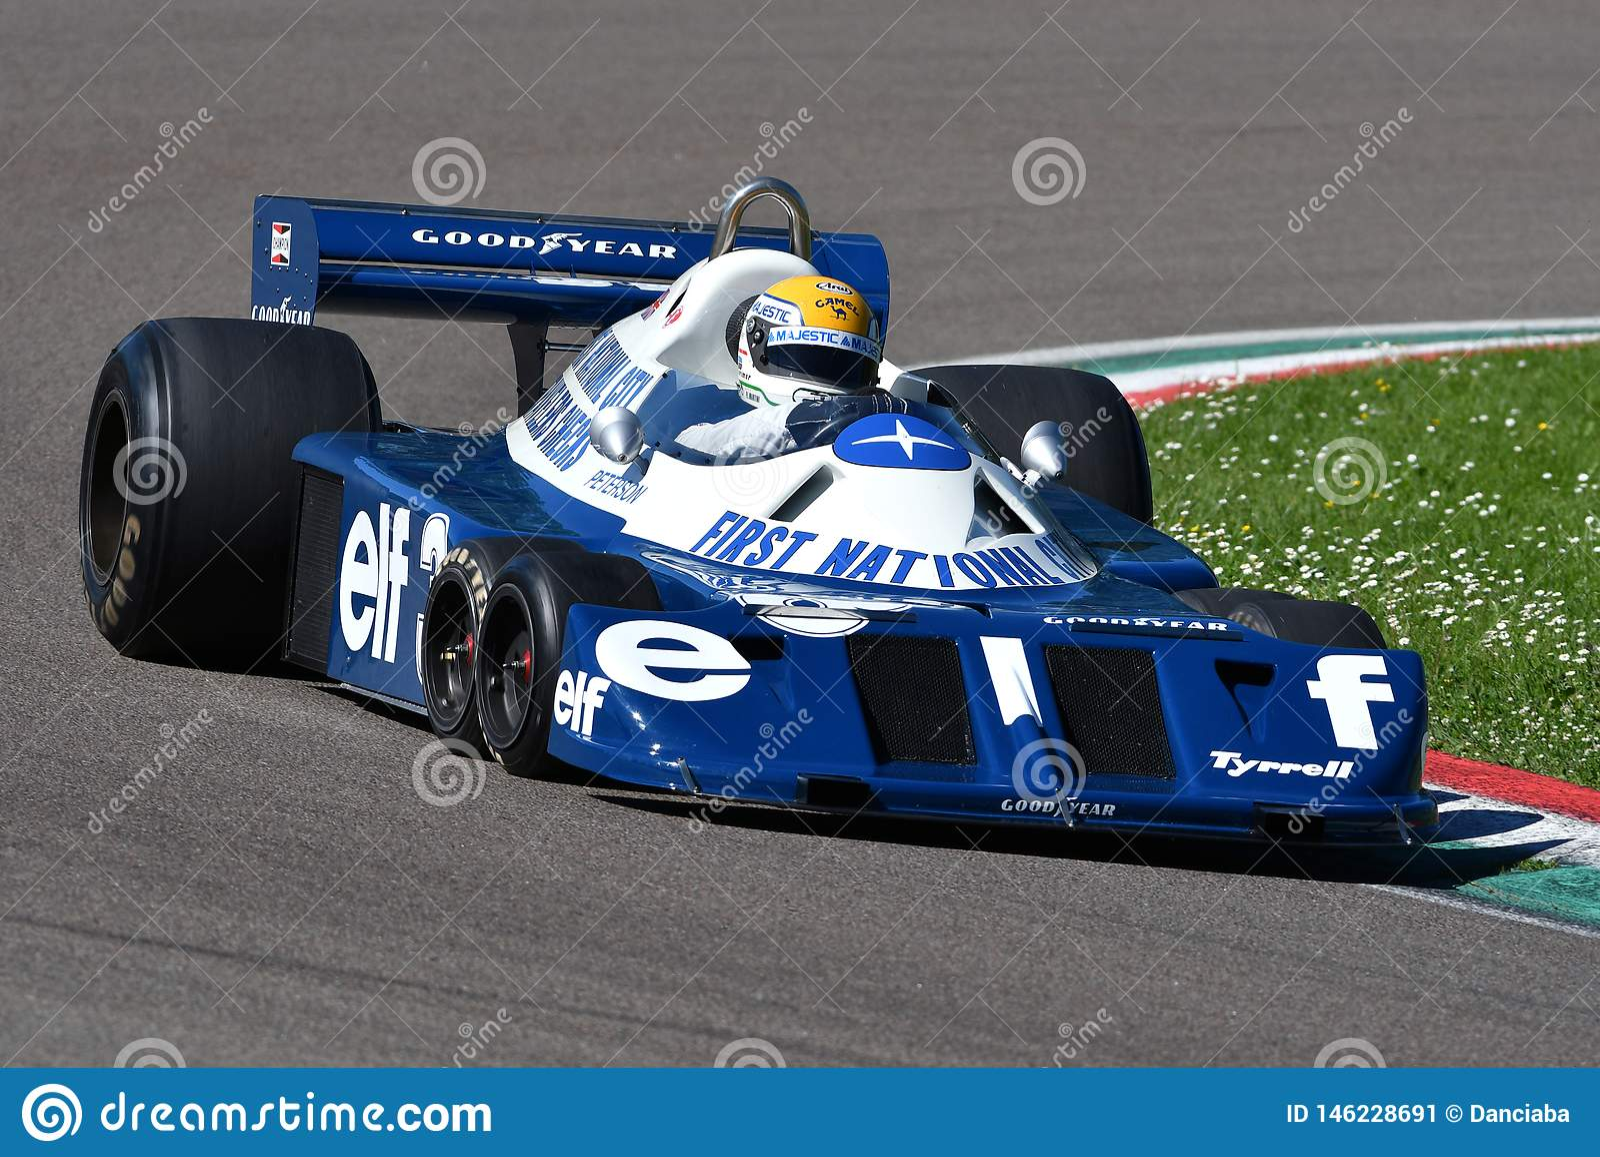 Imola, el 27 de abril de 2019: 1976 F1 hist?ricos Tyrrell P34 ex Ronnie Peterson conducido por Pierluigi Martini en la acci?n